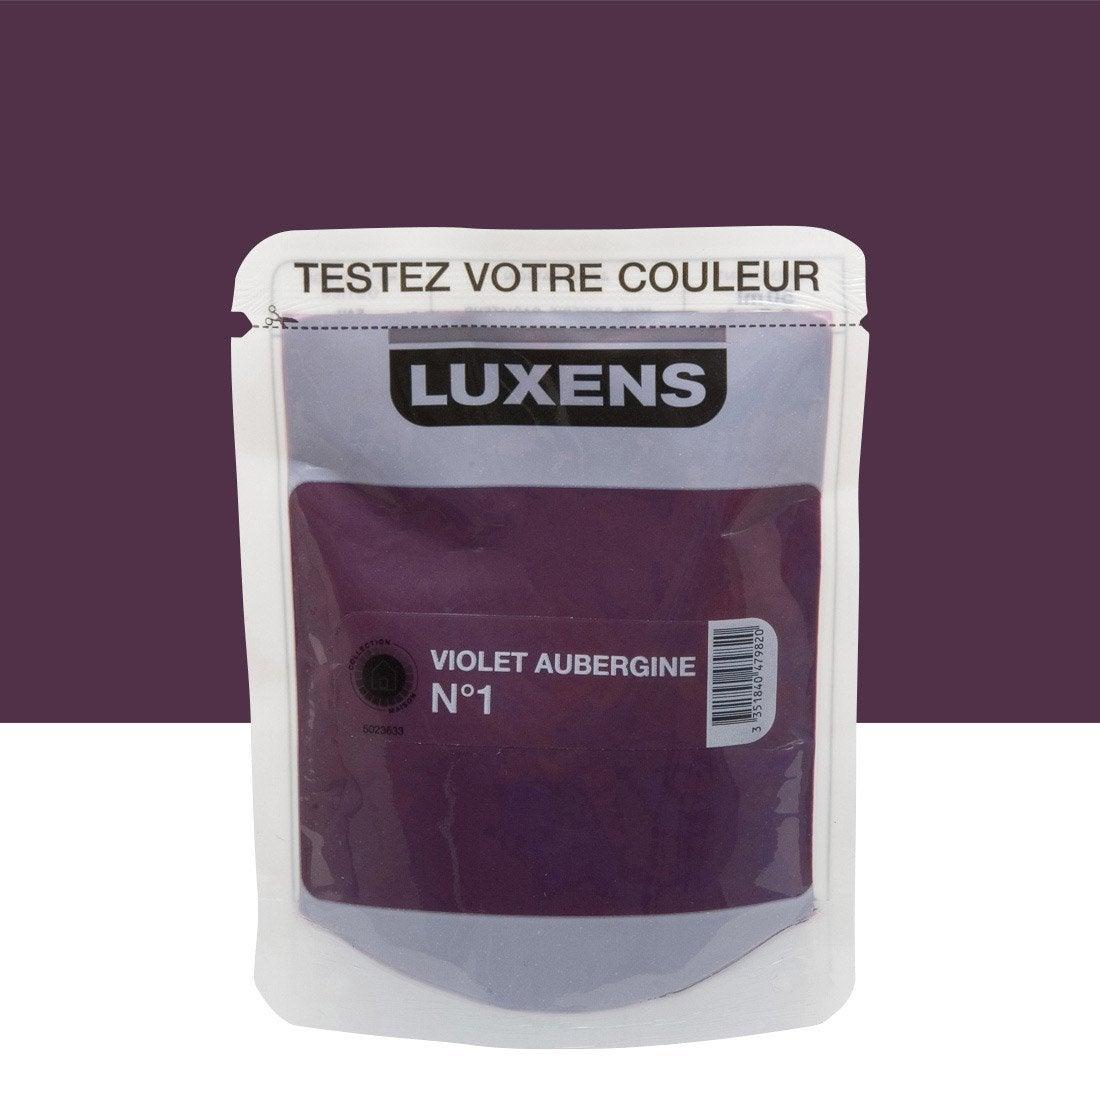 Testeur peinture violet aubergine 1 luxens couleurs int rieures satin l leroy merlin for Peinture violet aubergine